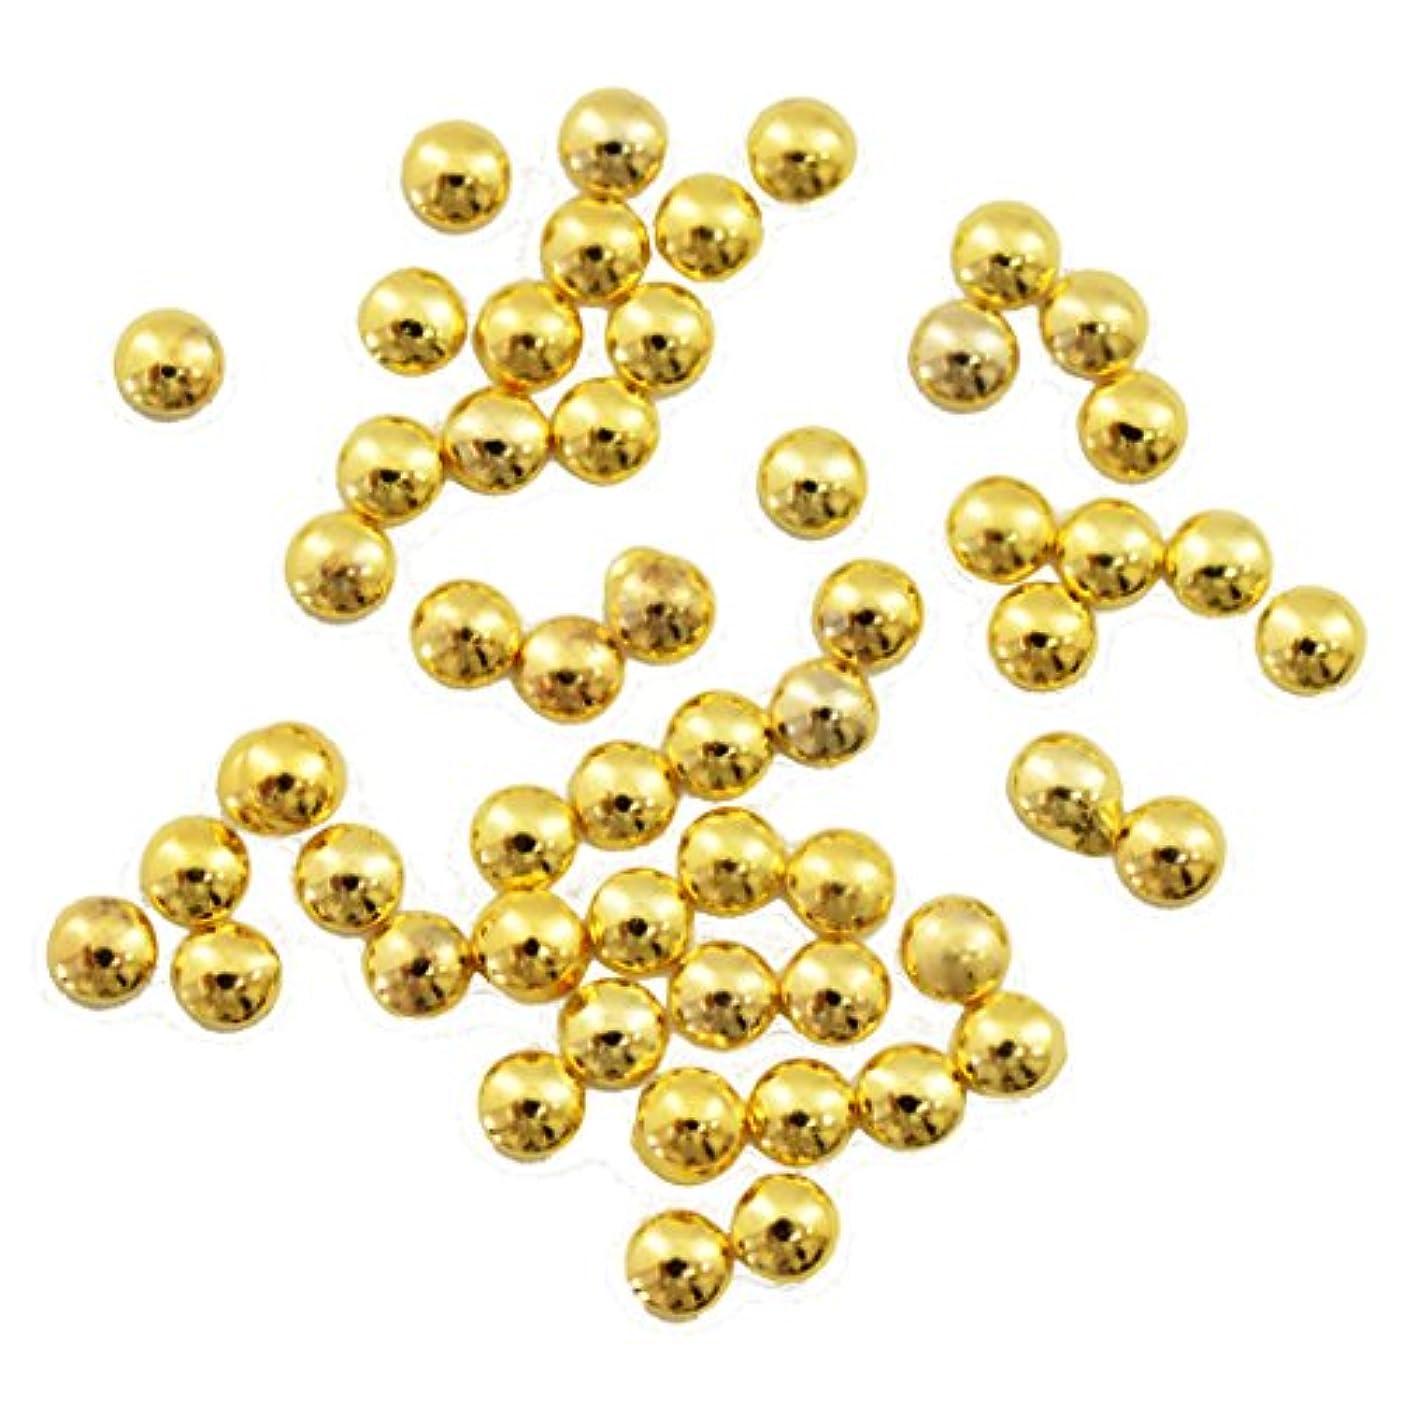 に応じて染料ジェットBuddy Style 丸 スタッズ メタルパーツ ネイルパーツ デコパーツ ゴールド1.5mm 50個入り